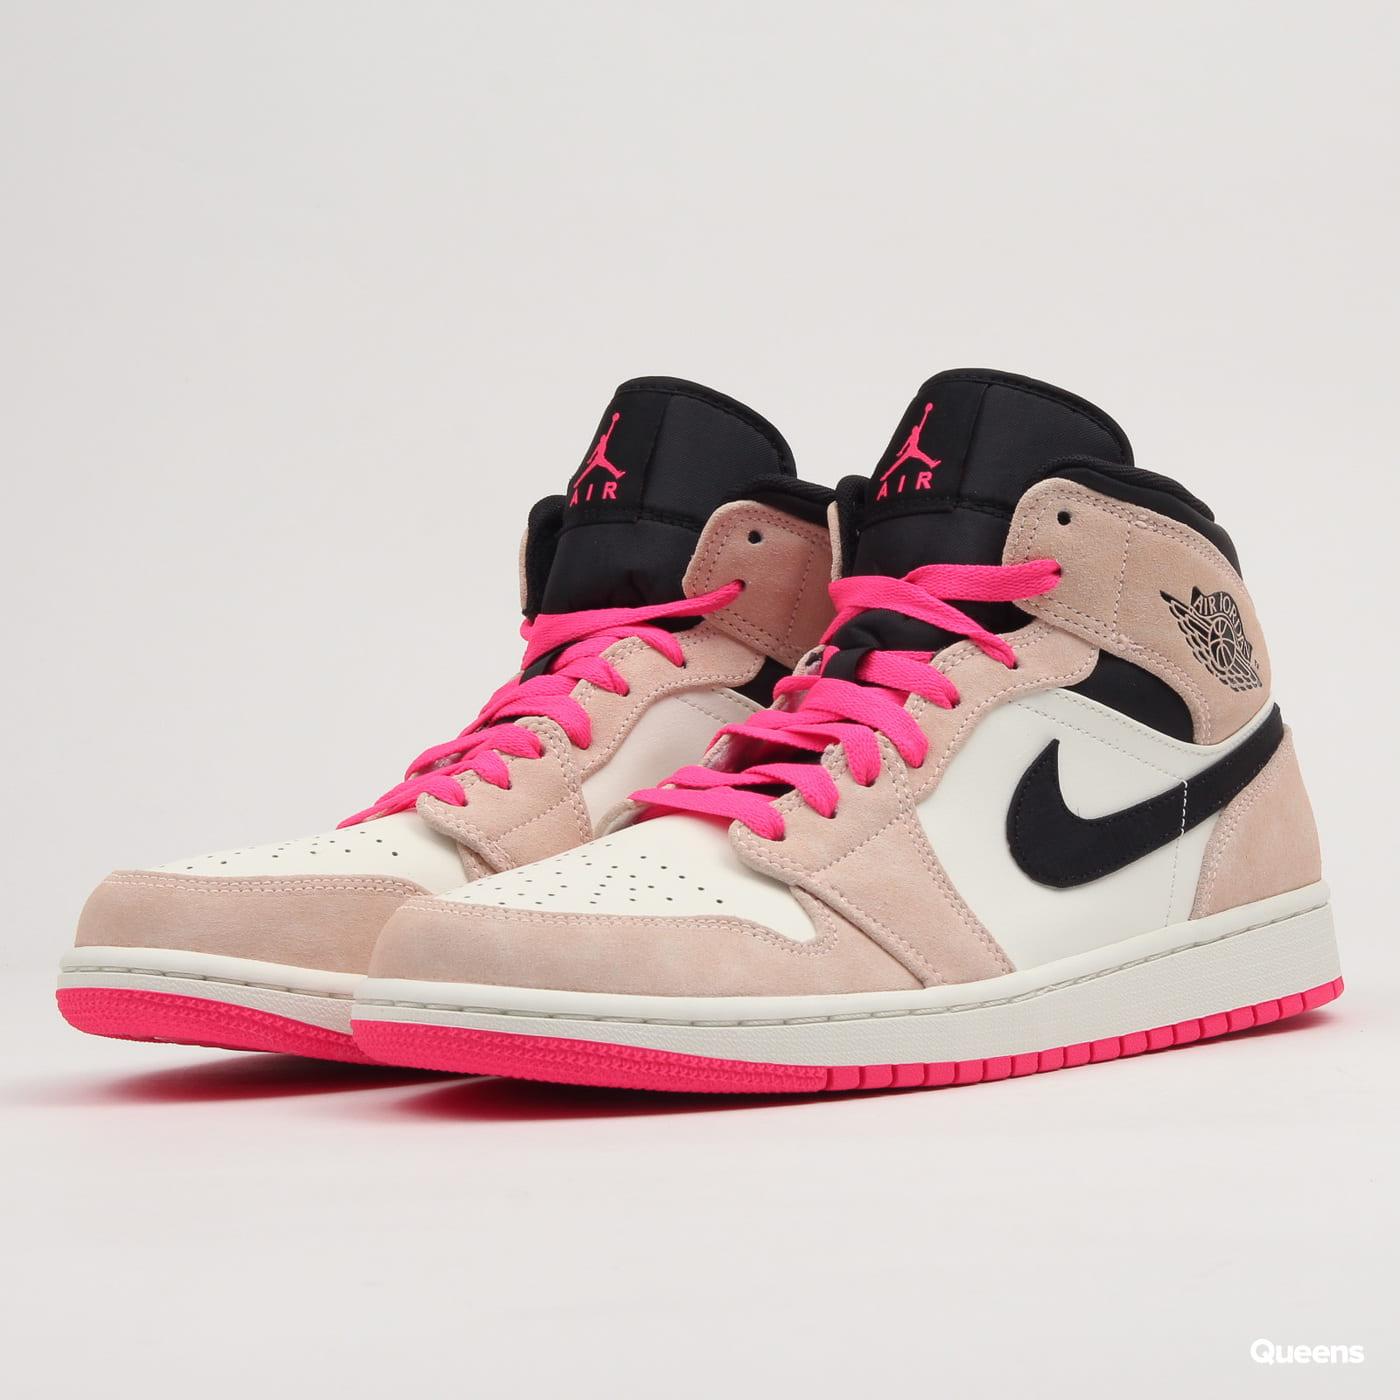 fa51da7e72d Sneakers Jordan Air Jordan 1 Mid SE crimson tint / hyper pink - black  (852542-801) – Queens 💚